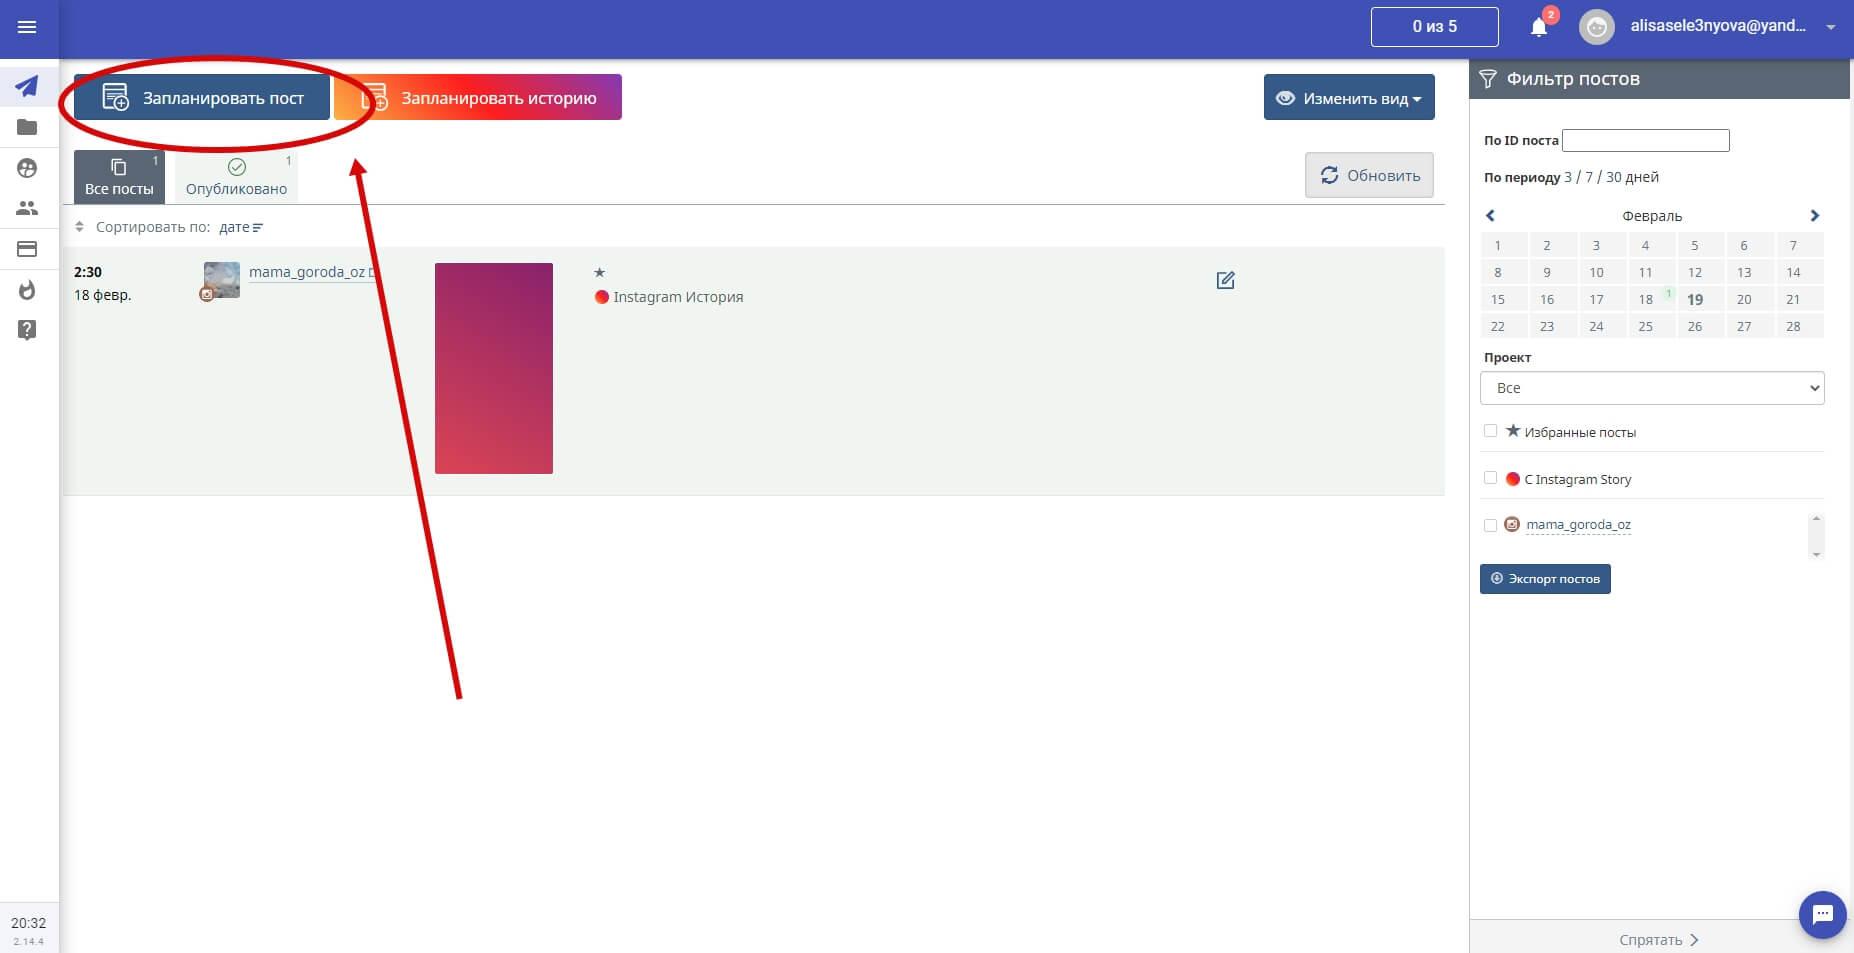 Кнопка «Запланировать пост» находится в разделе Посты